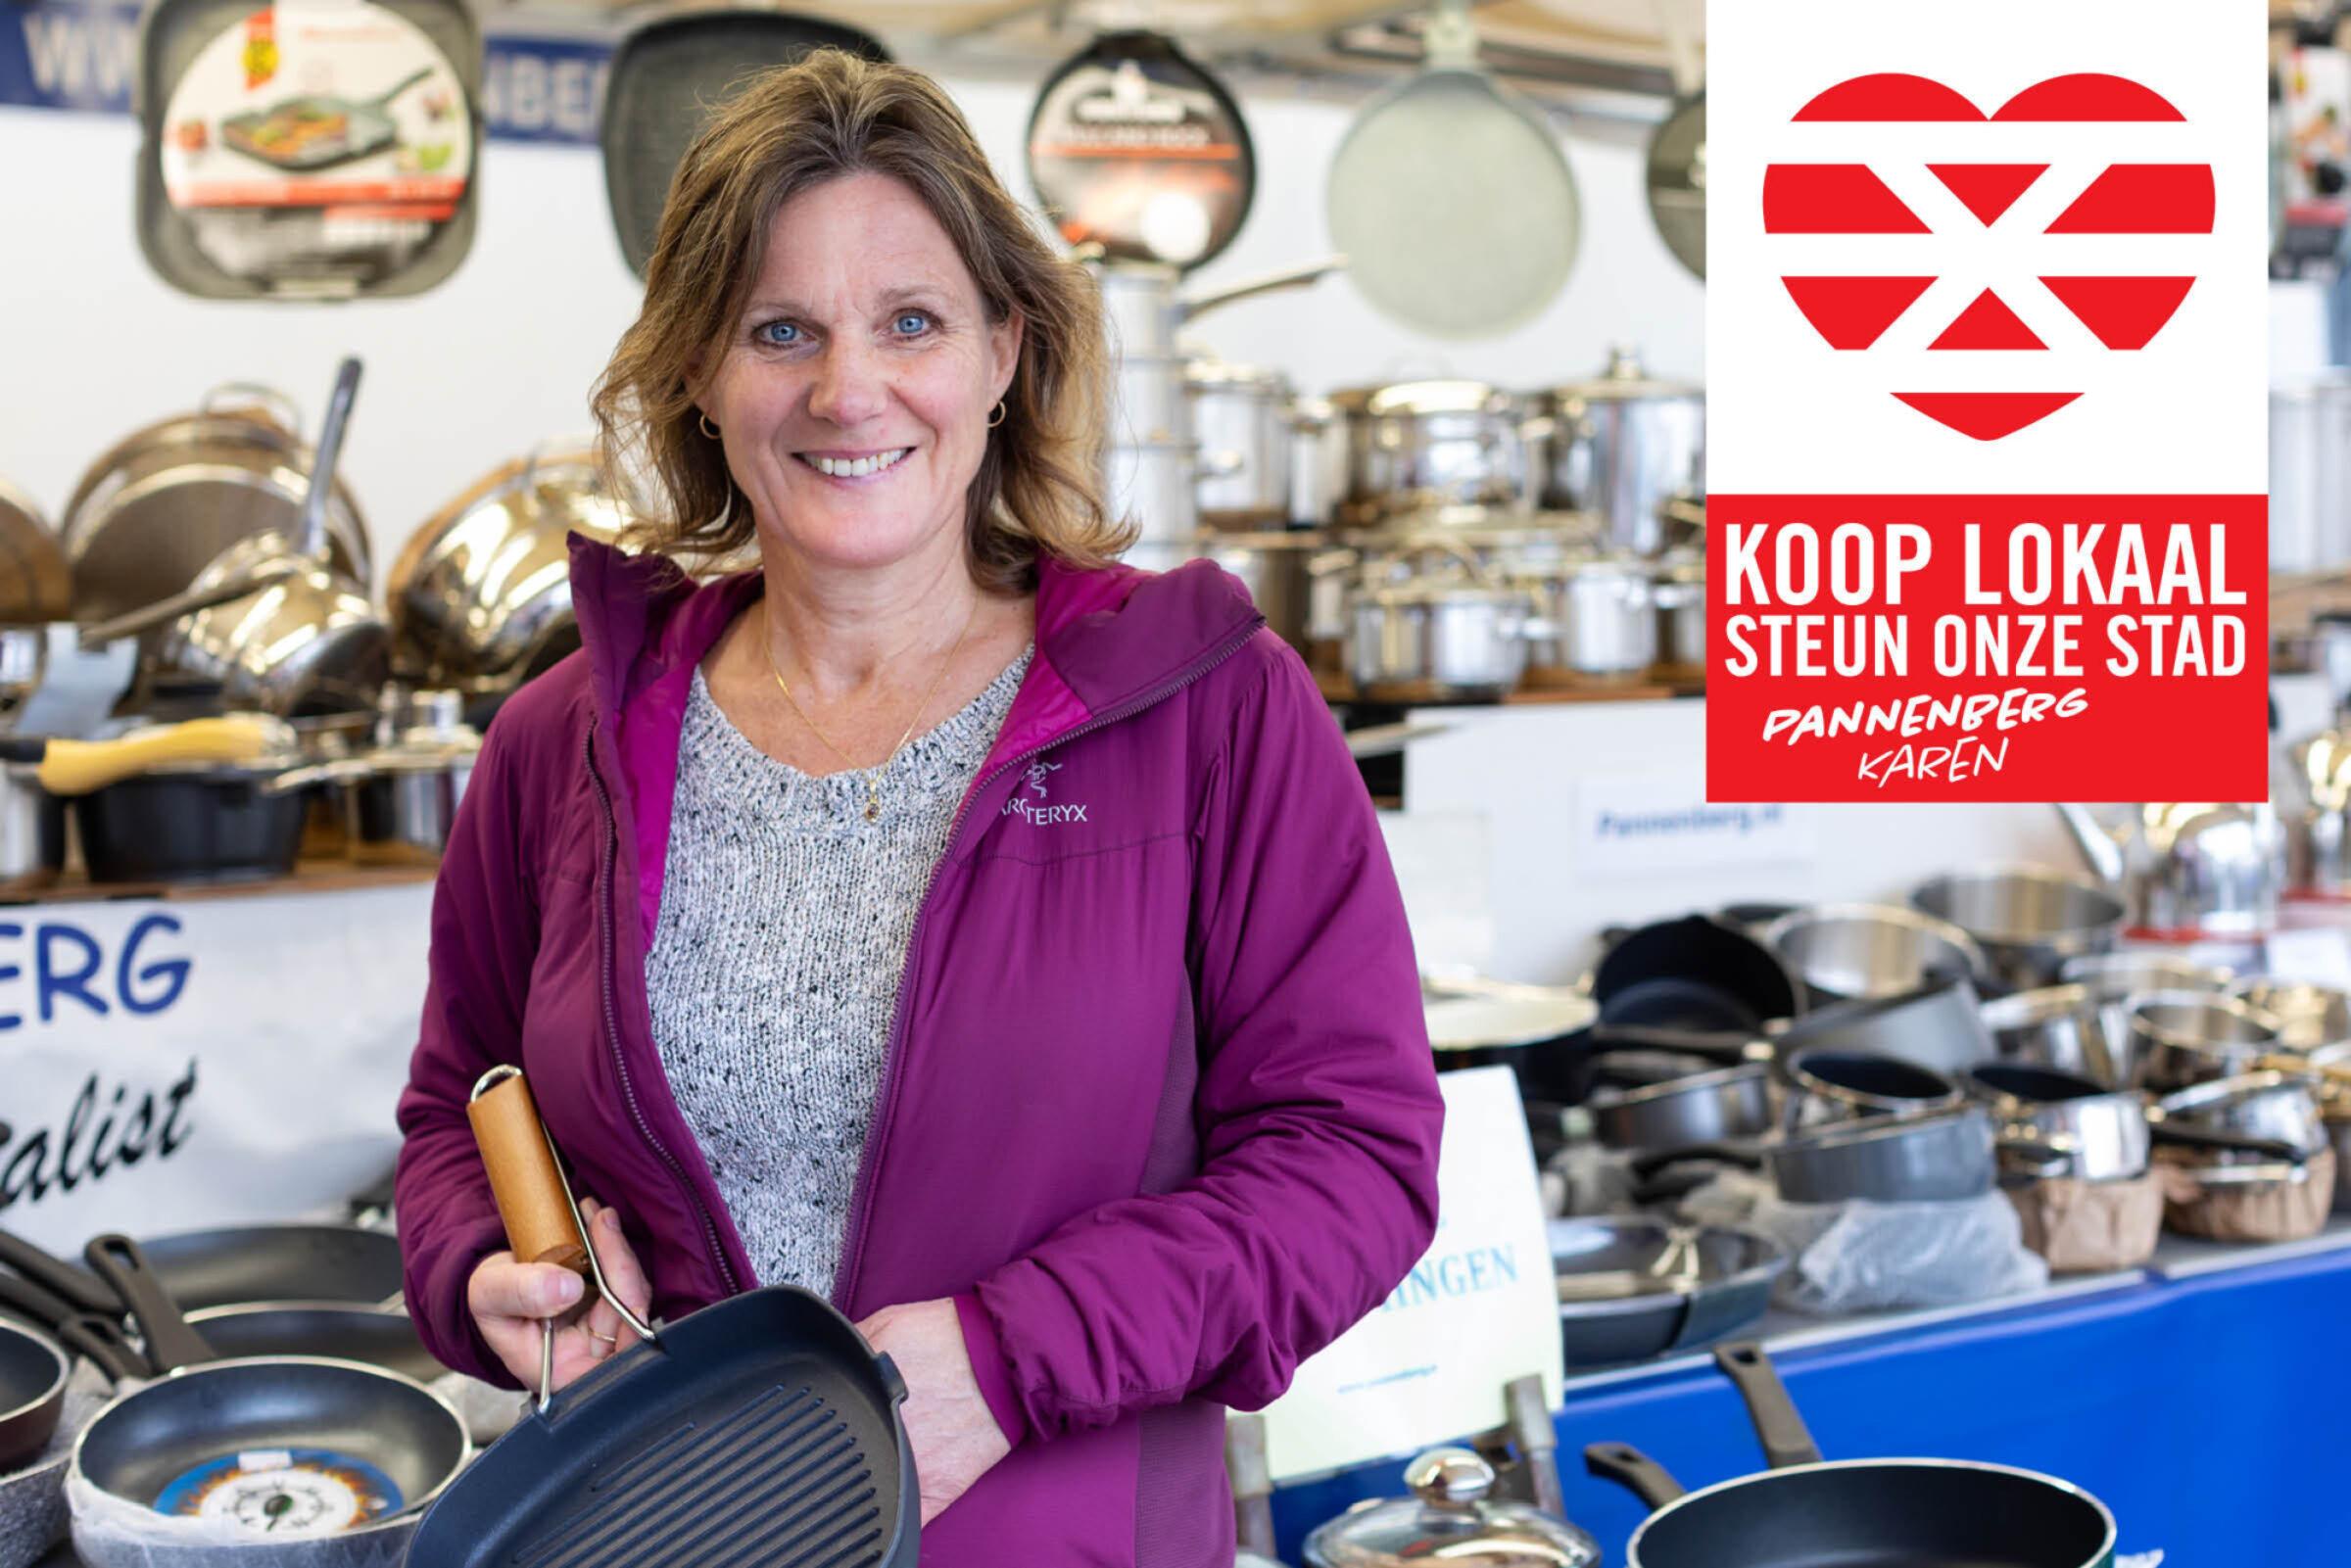 Steun onze stad Koop lokaal Enschede Pannenberg Karen